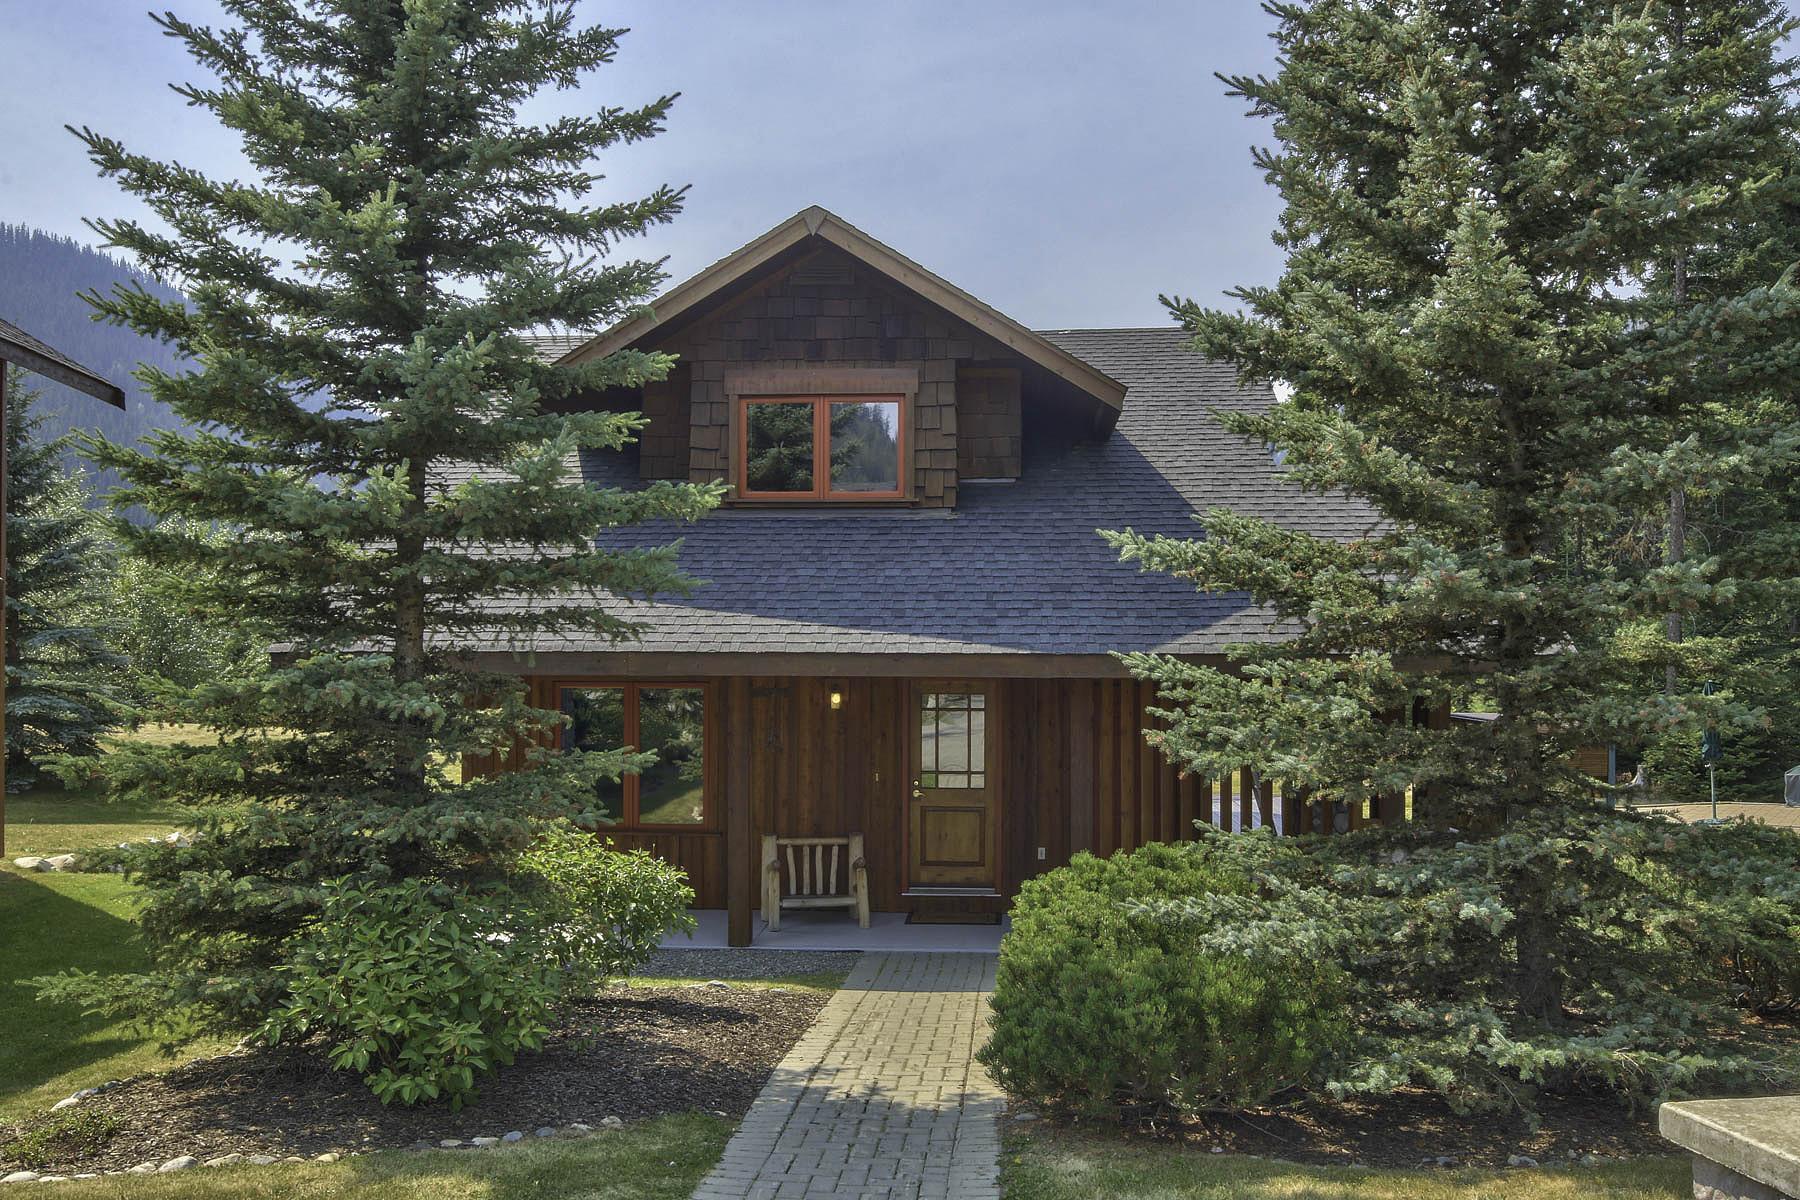 獨棟家庭住宅 為 出售 在 Charming cedar cabin 3 - 2700 Fairways Drive Sun Peaks Sun Peaks, 不列顛哥倫比亞省, V0E 5N0 加拿大